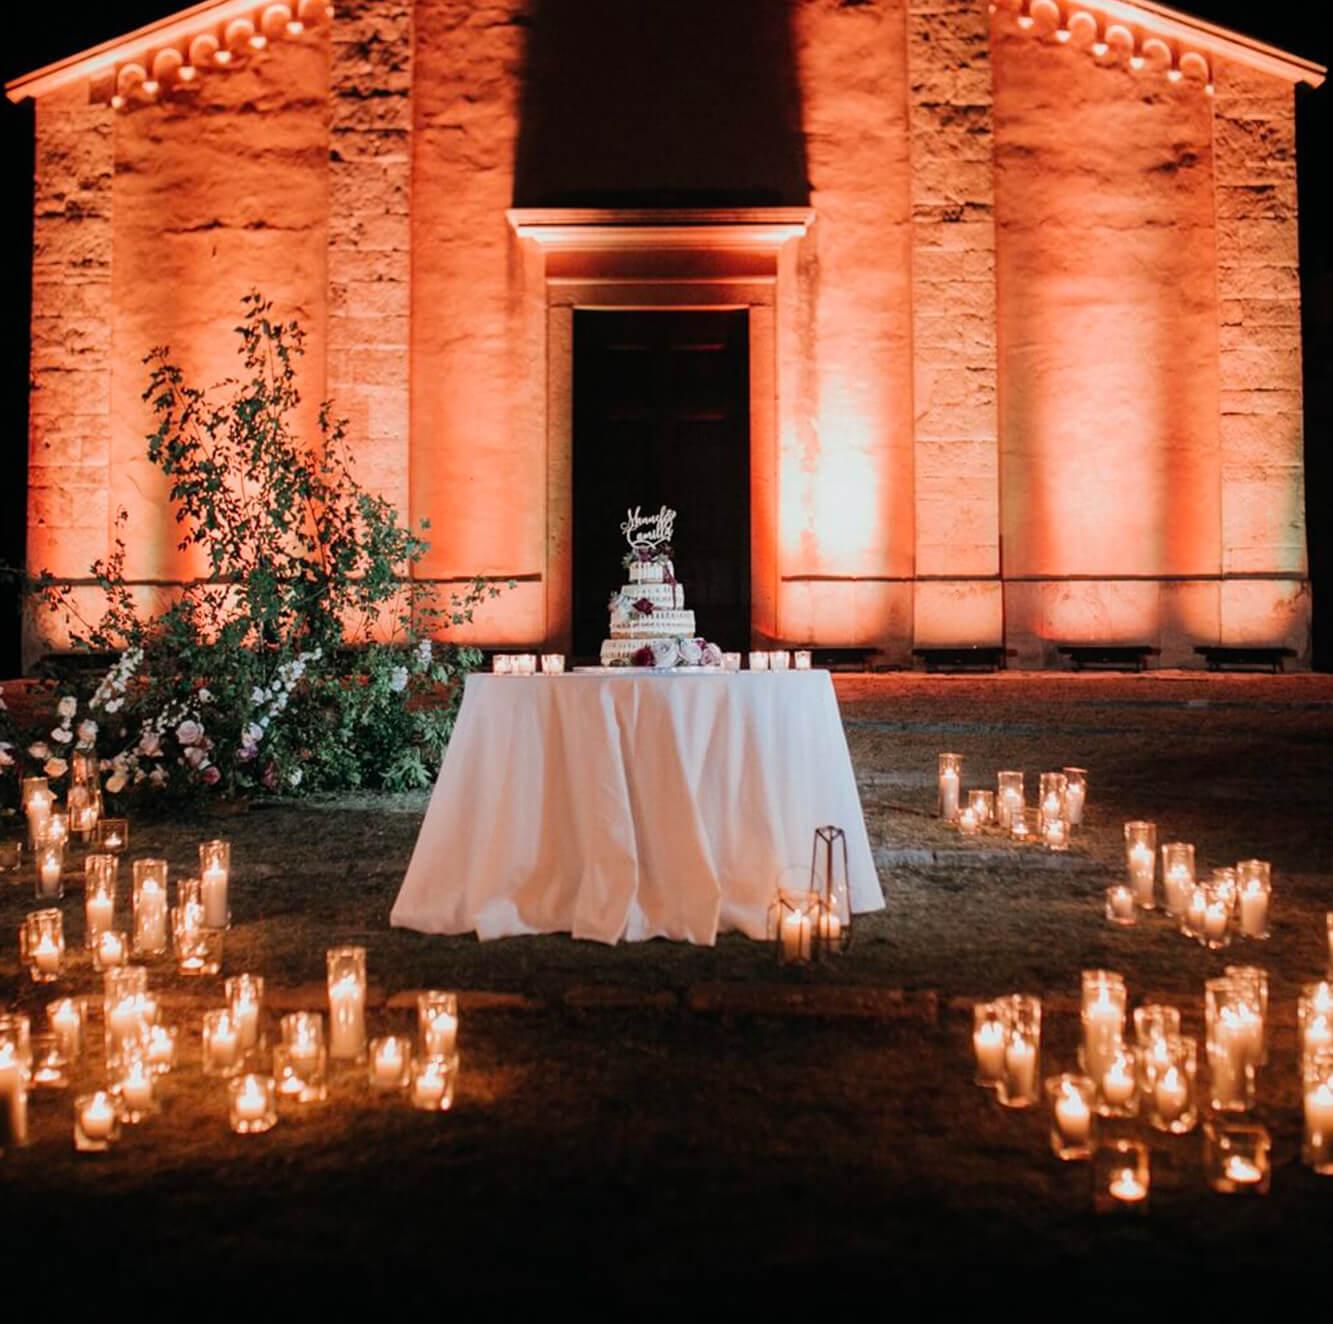 Creazioni artistiche di light design per matrimoni in  Toscana. Giulia Alessandri Wedding Planner: progettazione e coordinazione matrimoni in Toscana.